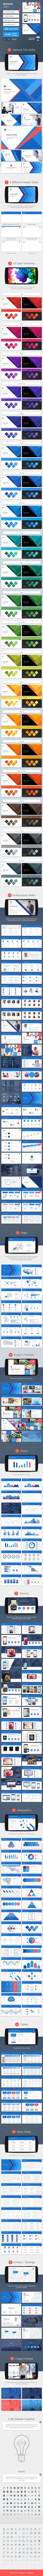 Material Keynote Presentation Template #design #slides Download: http://graphicriver.net/item/material-keynote-presentation-template/13313425?ref=ksioks